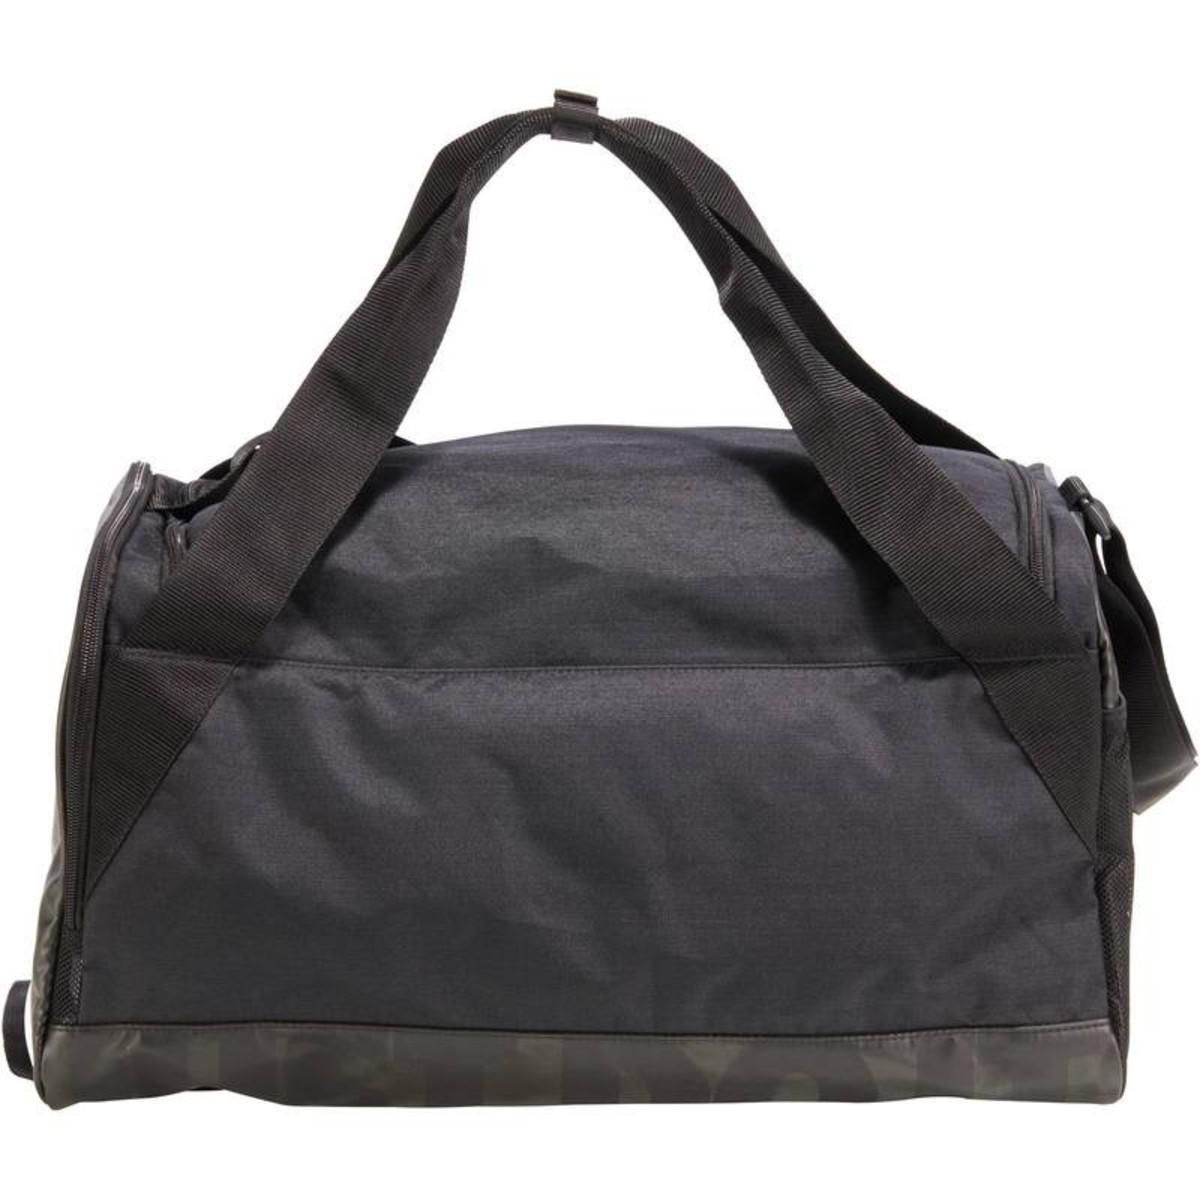 Bild 3 von NIKE Sporttasche Erwachsene Nike schwarz, Größe: Einheitsgröße